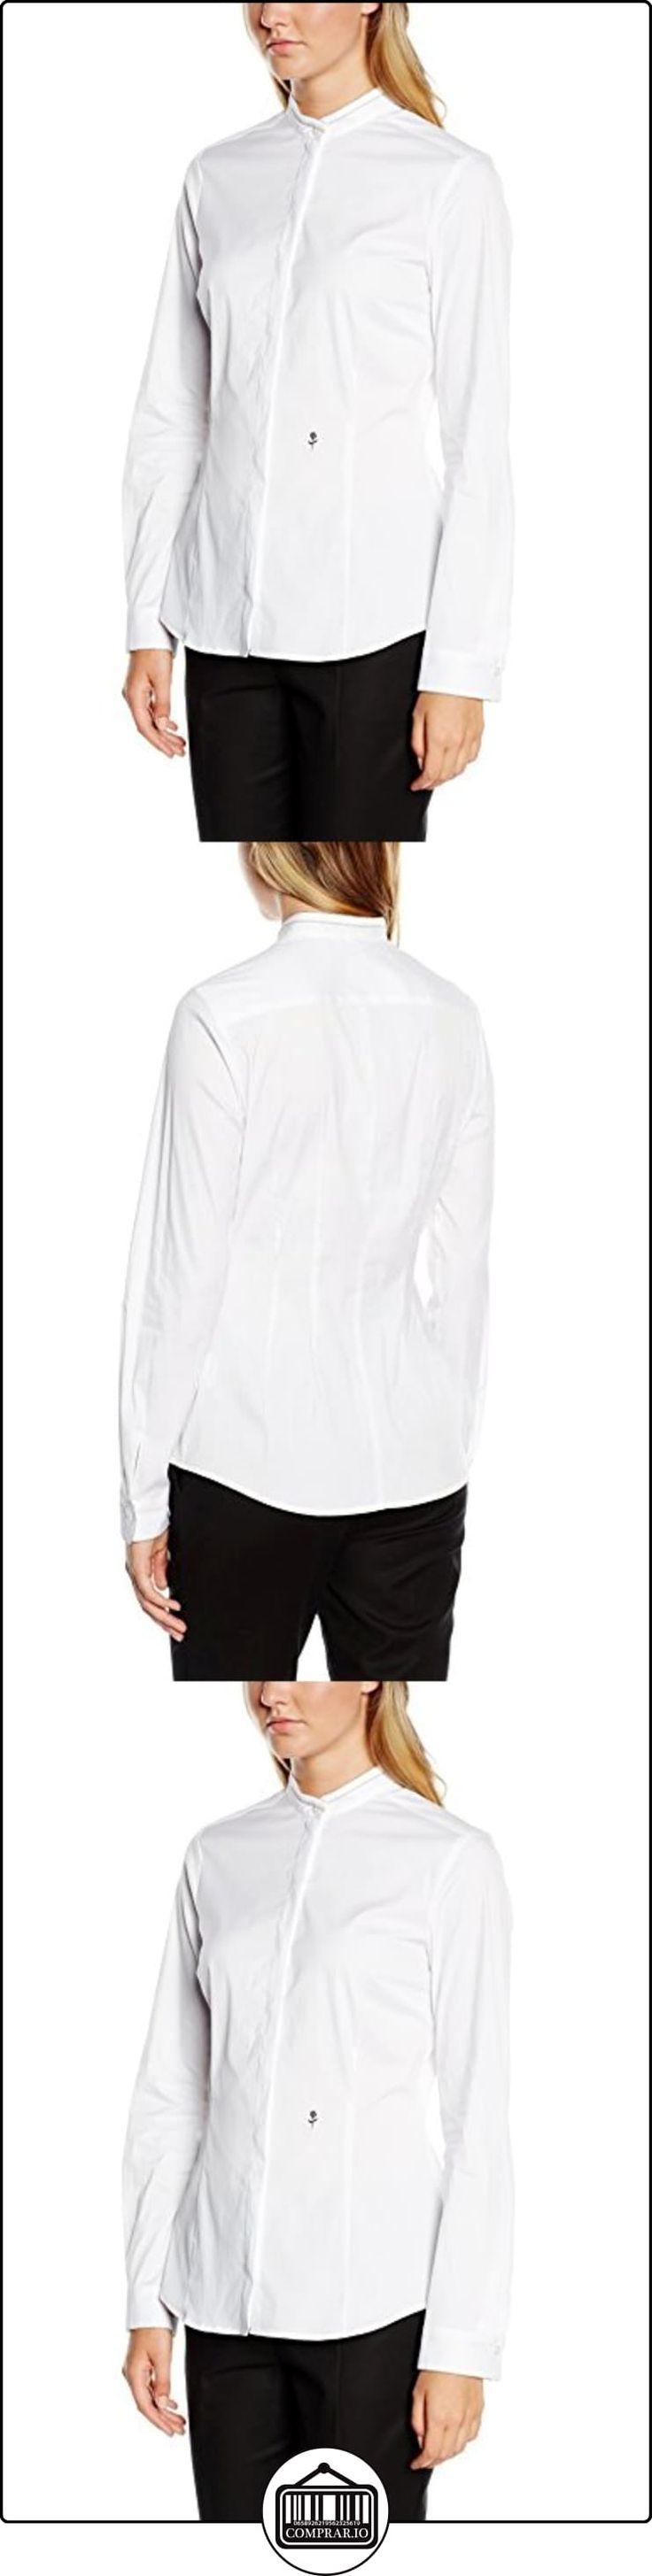 Schwarze Rose CITY-BLUSE 1/1-LANG - Blusa para mujer, color weiß 1, talla 44  ✿ Blusas y camisas ✿